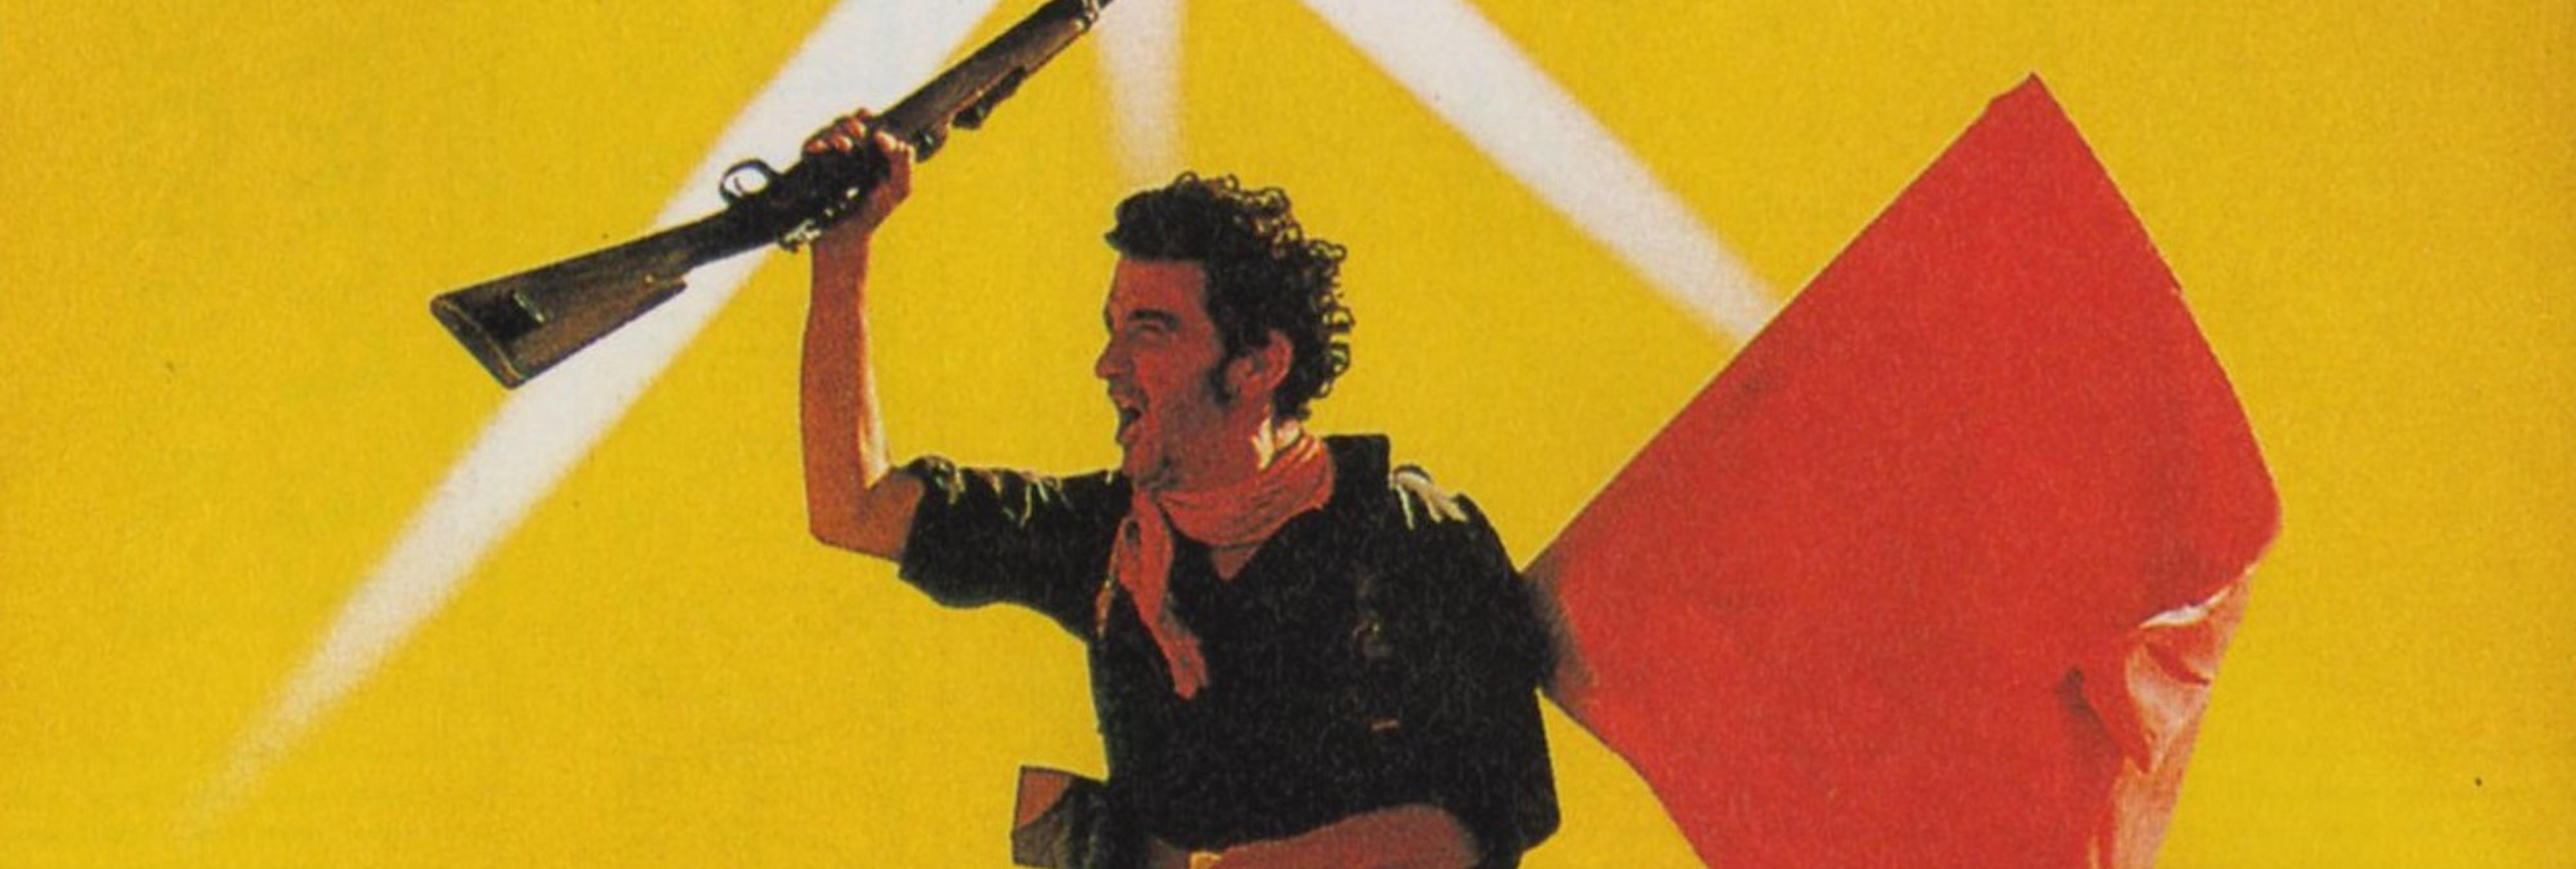 Debería haber más películas de la Guerra Civil en el cine español